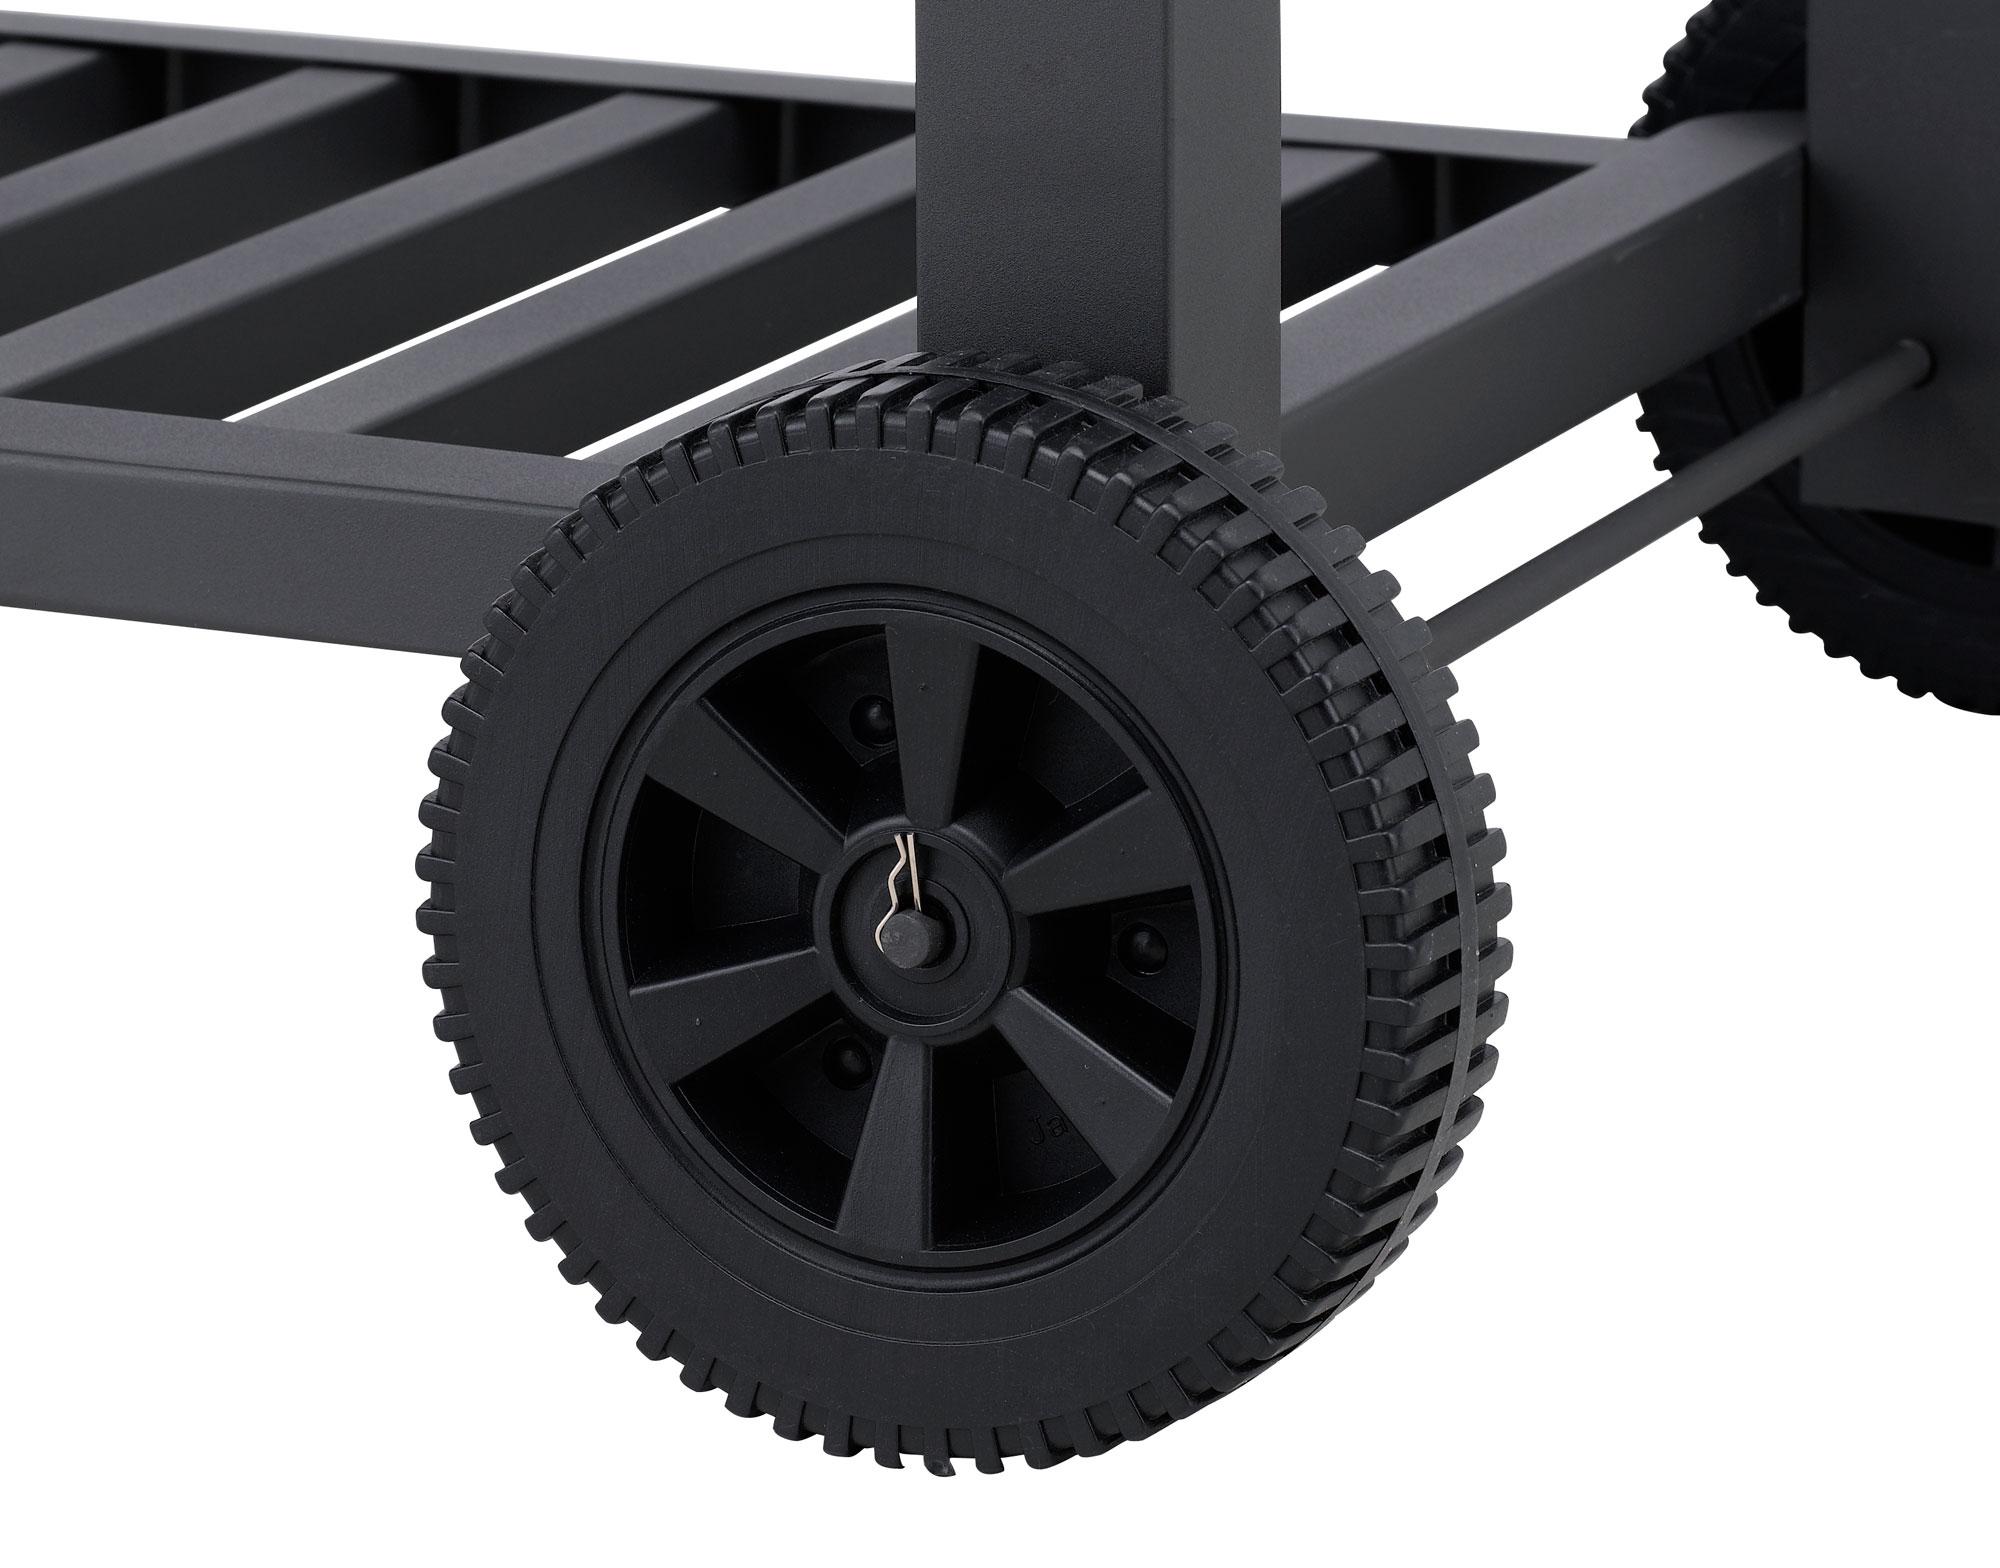 Tepro Holzkohlegrill / Grillwagen Toronto XXL Grillfläche 72x46cm Bild 16